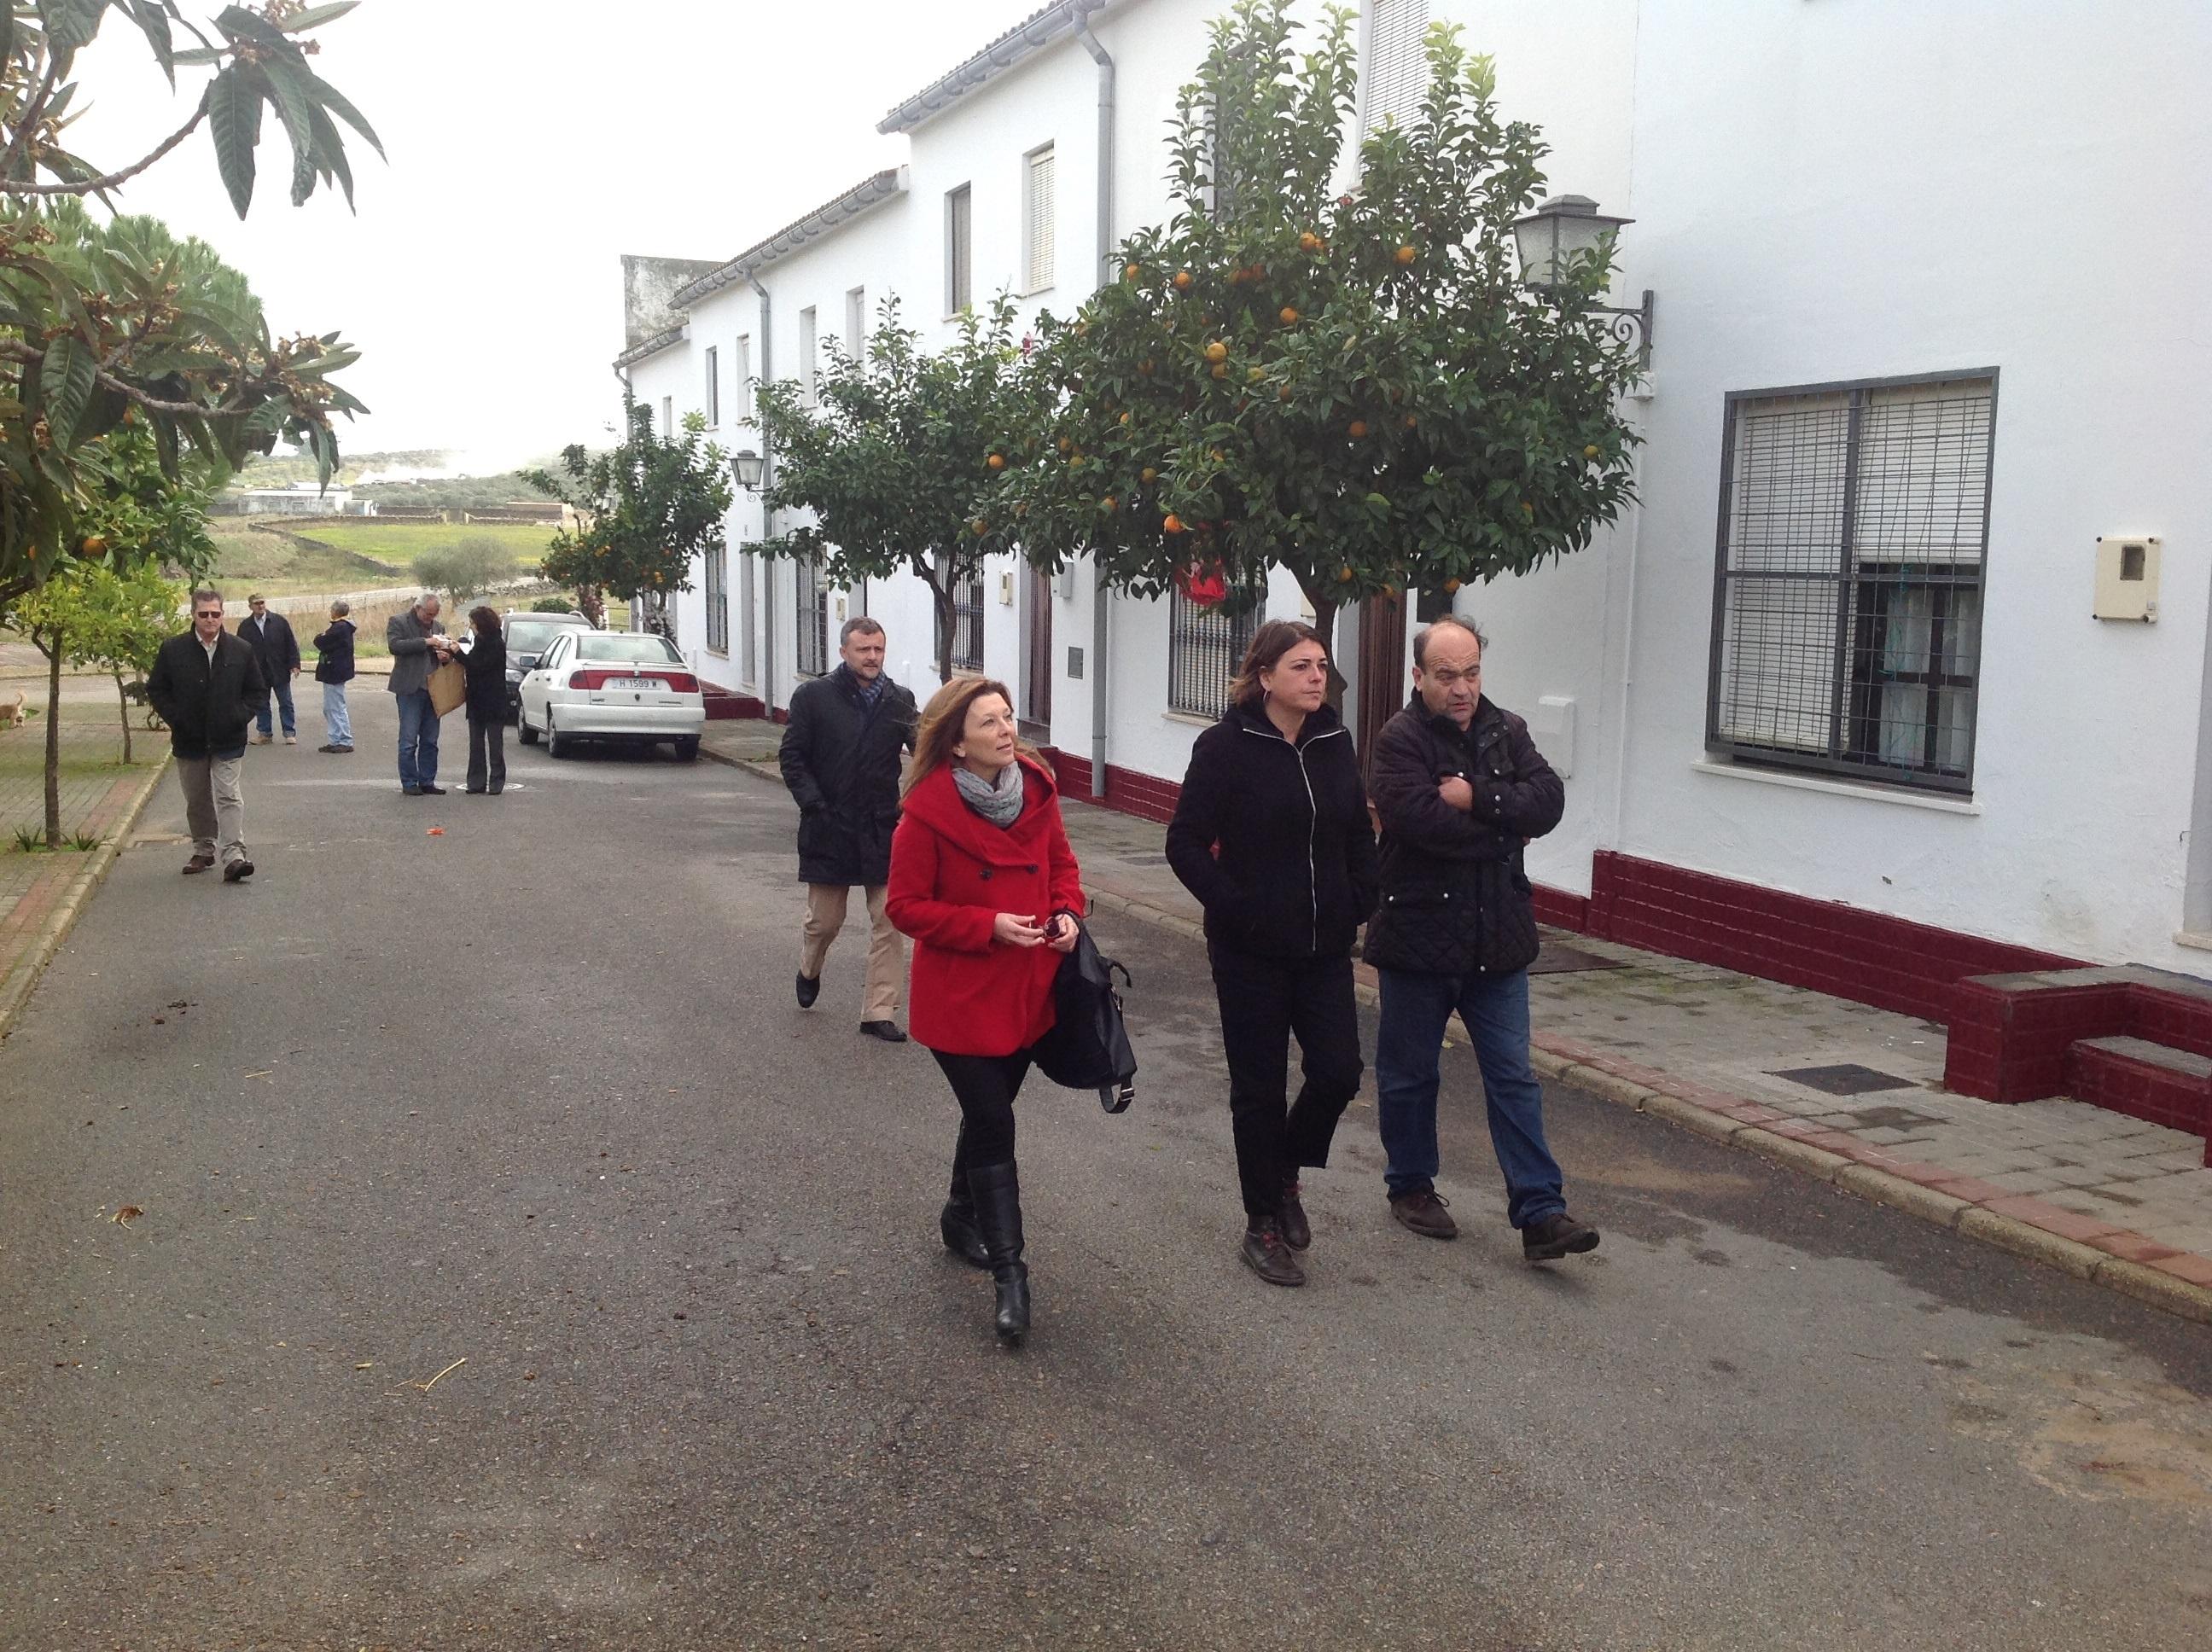 La Junta rehabilitará a partir de enero las zonas comunes de 20 viviendas de parque público de Encinasola